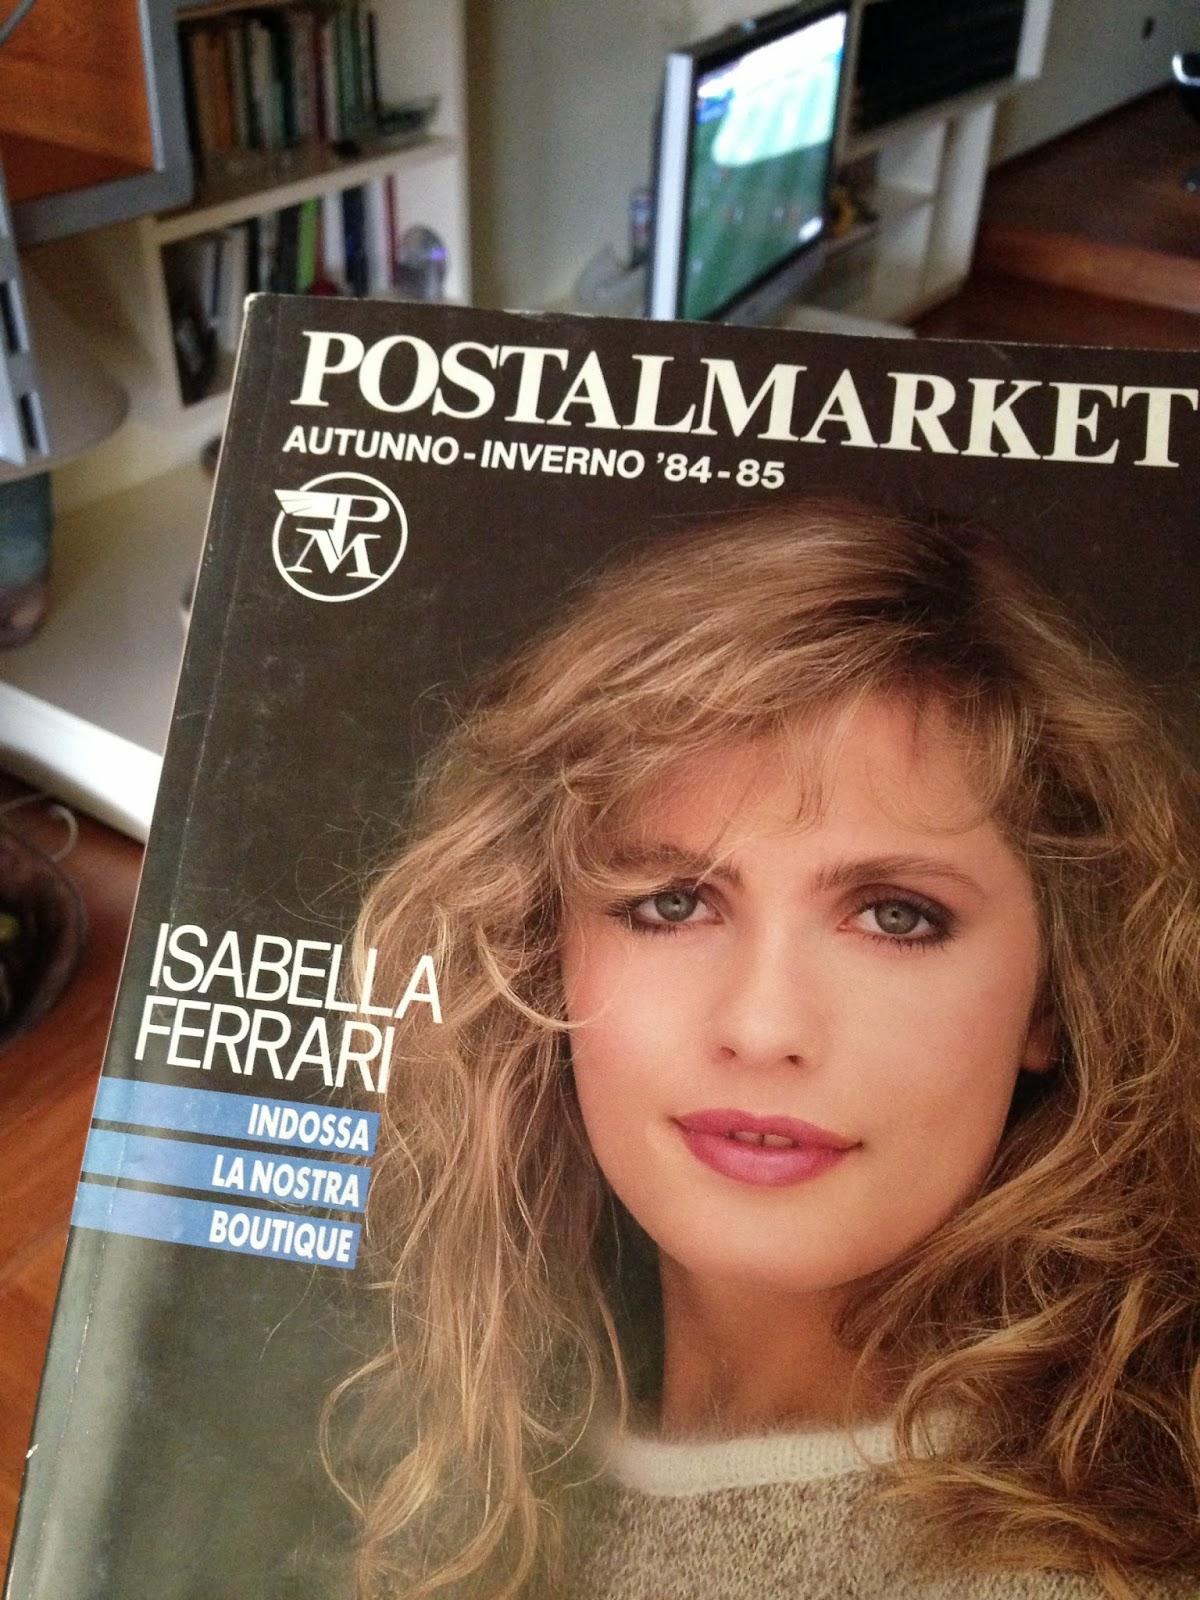 bcb5574091683 20righe  Postal Market (il papà di Amazon)